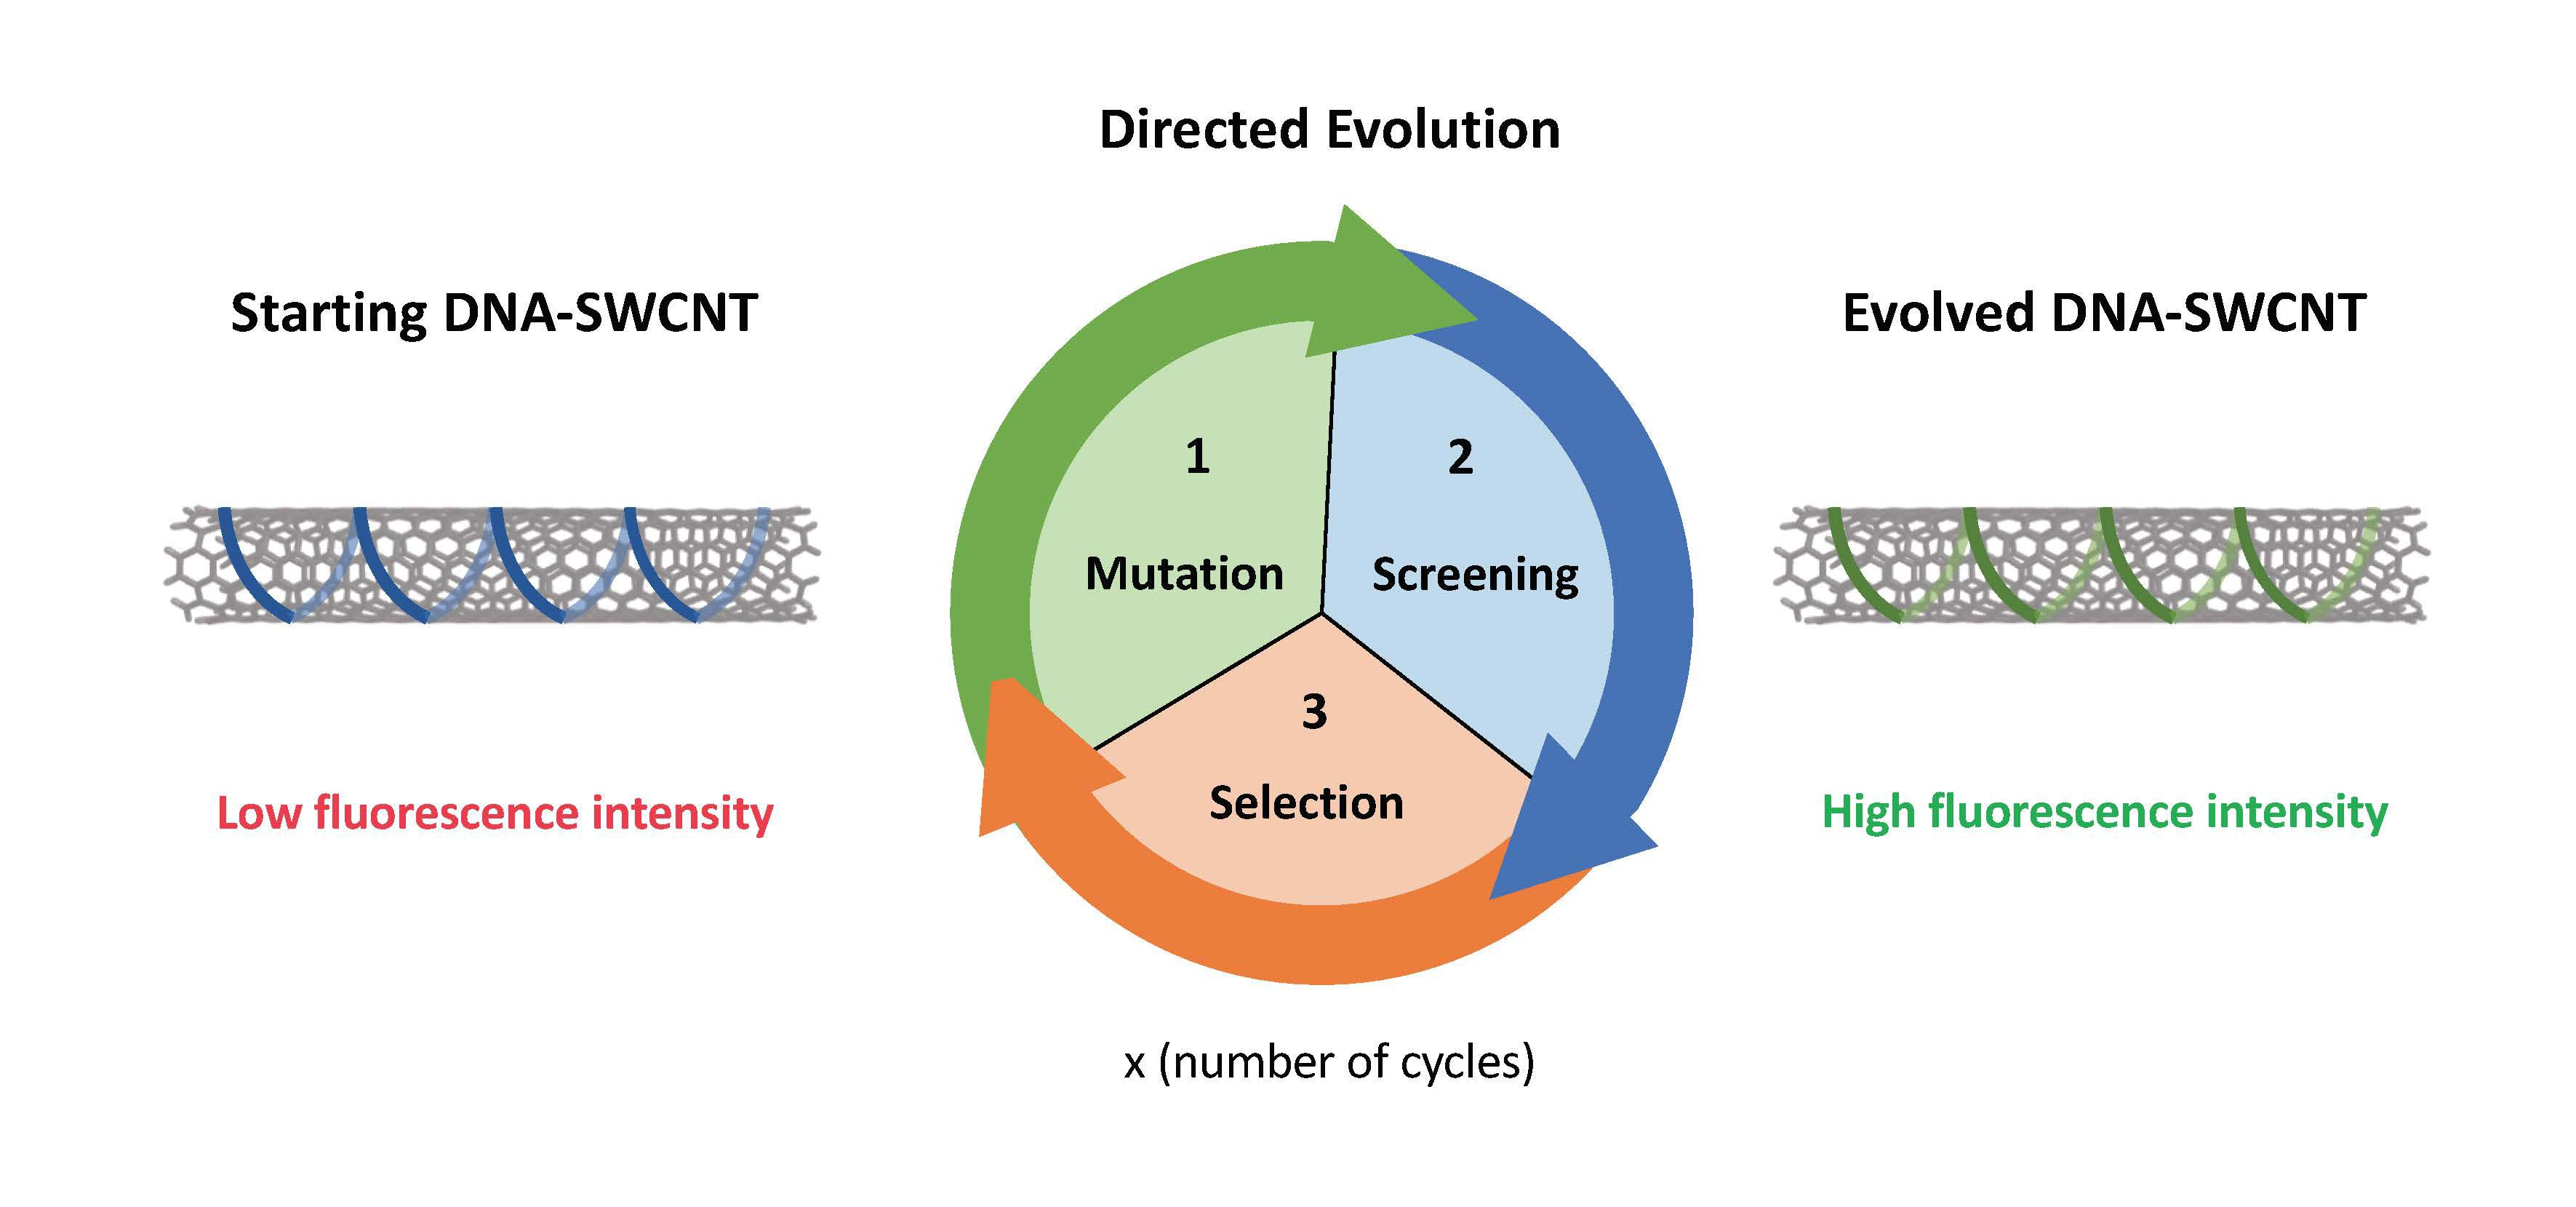 Principio general del enfoque de evolución dirigida aplicado a los complejos ADN-SWCNT de nanopartículas. Imagen: Benjamin Lambert (EPFL).